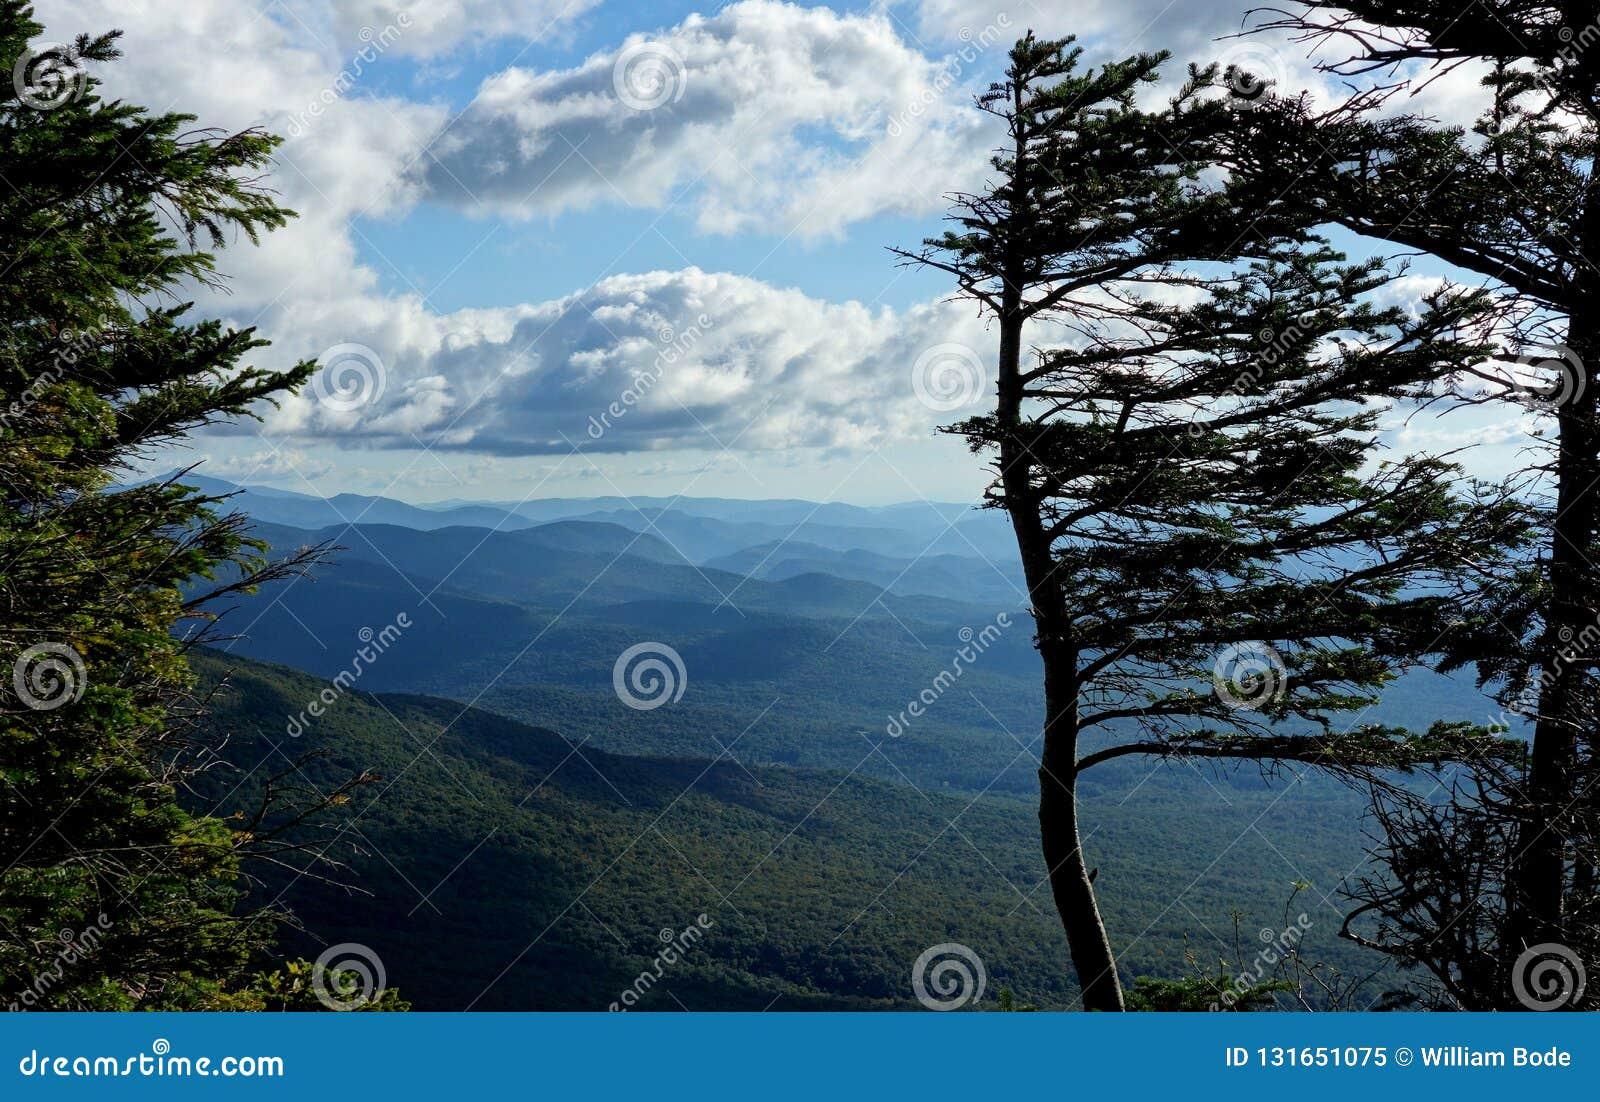 Árvore embandeirada vento na cimeira